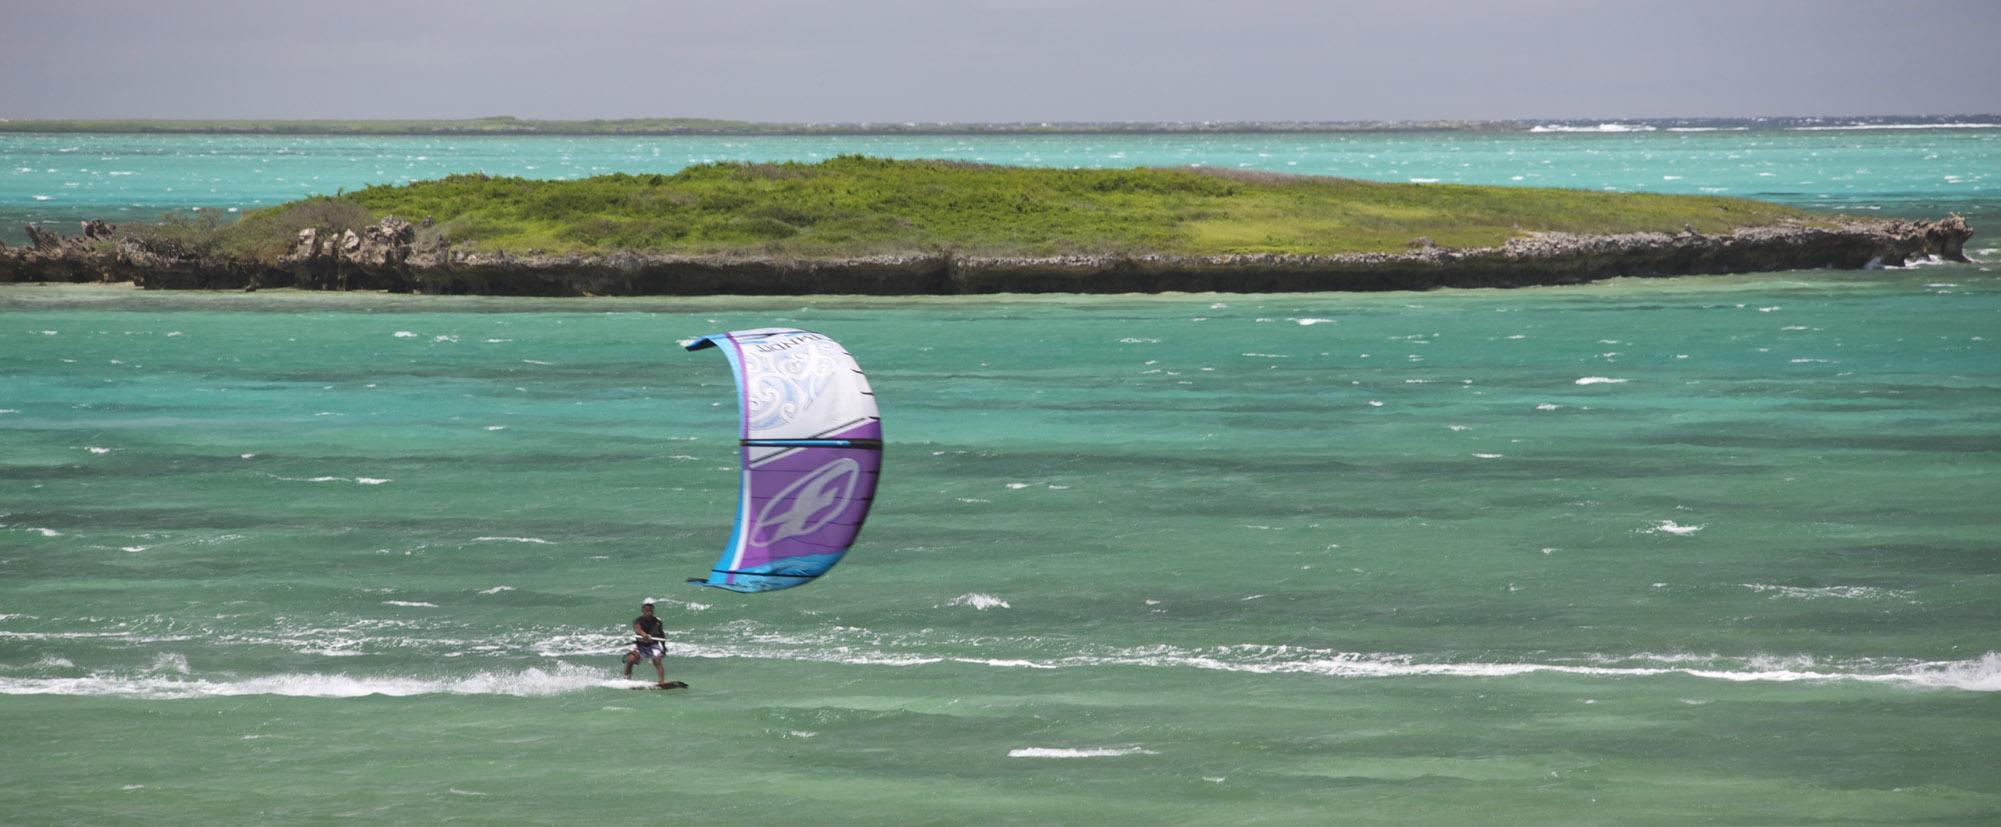 Kitesurf / Windsurf